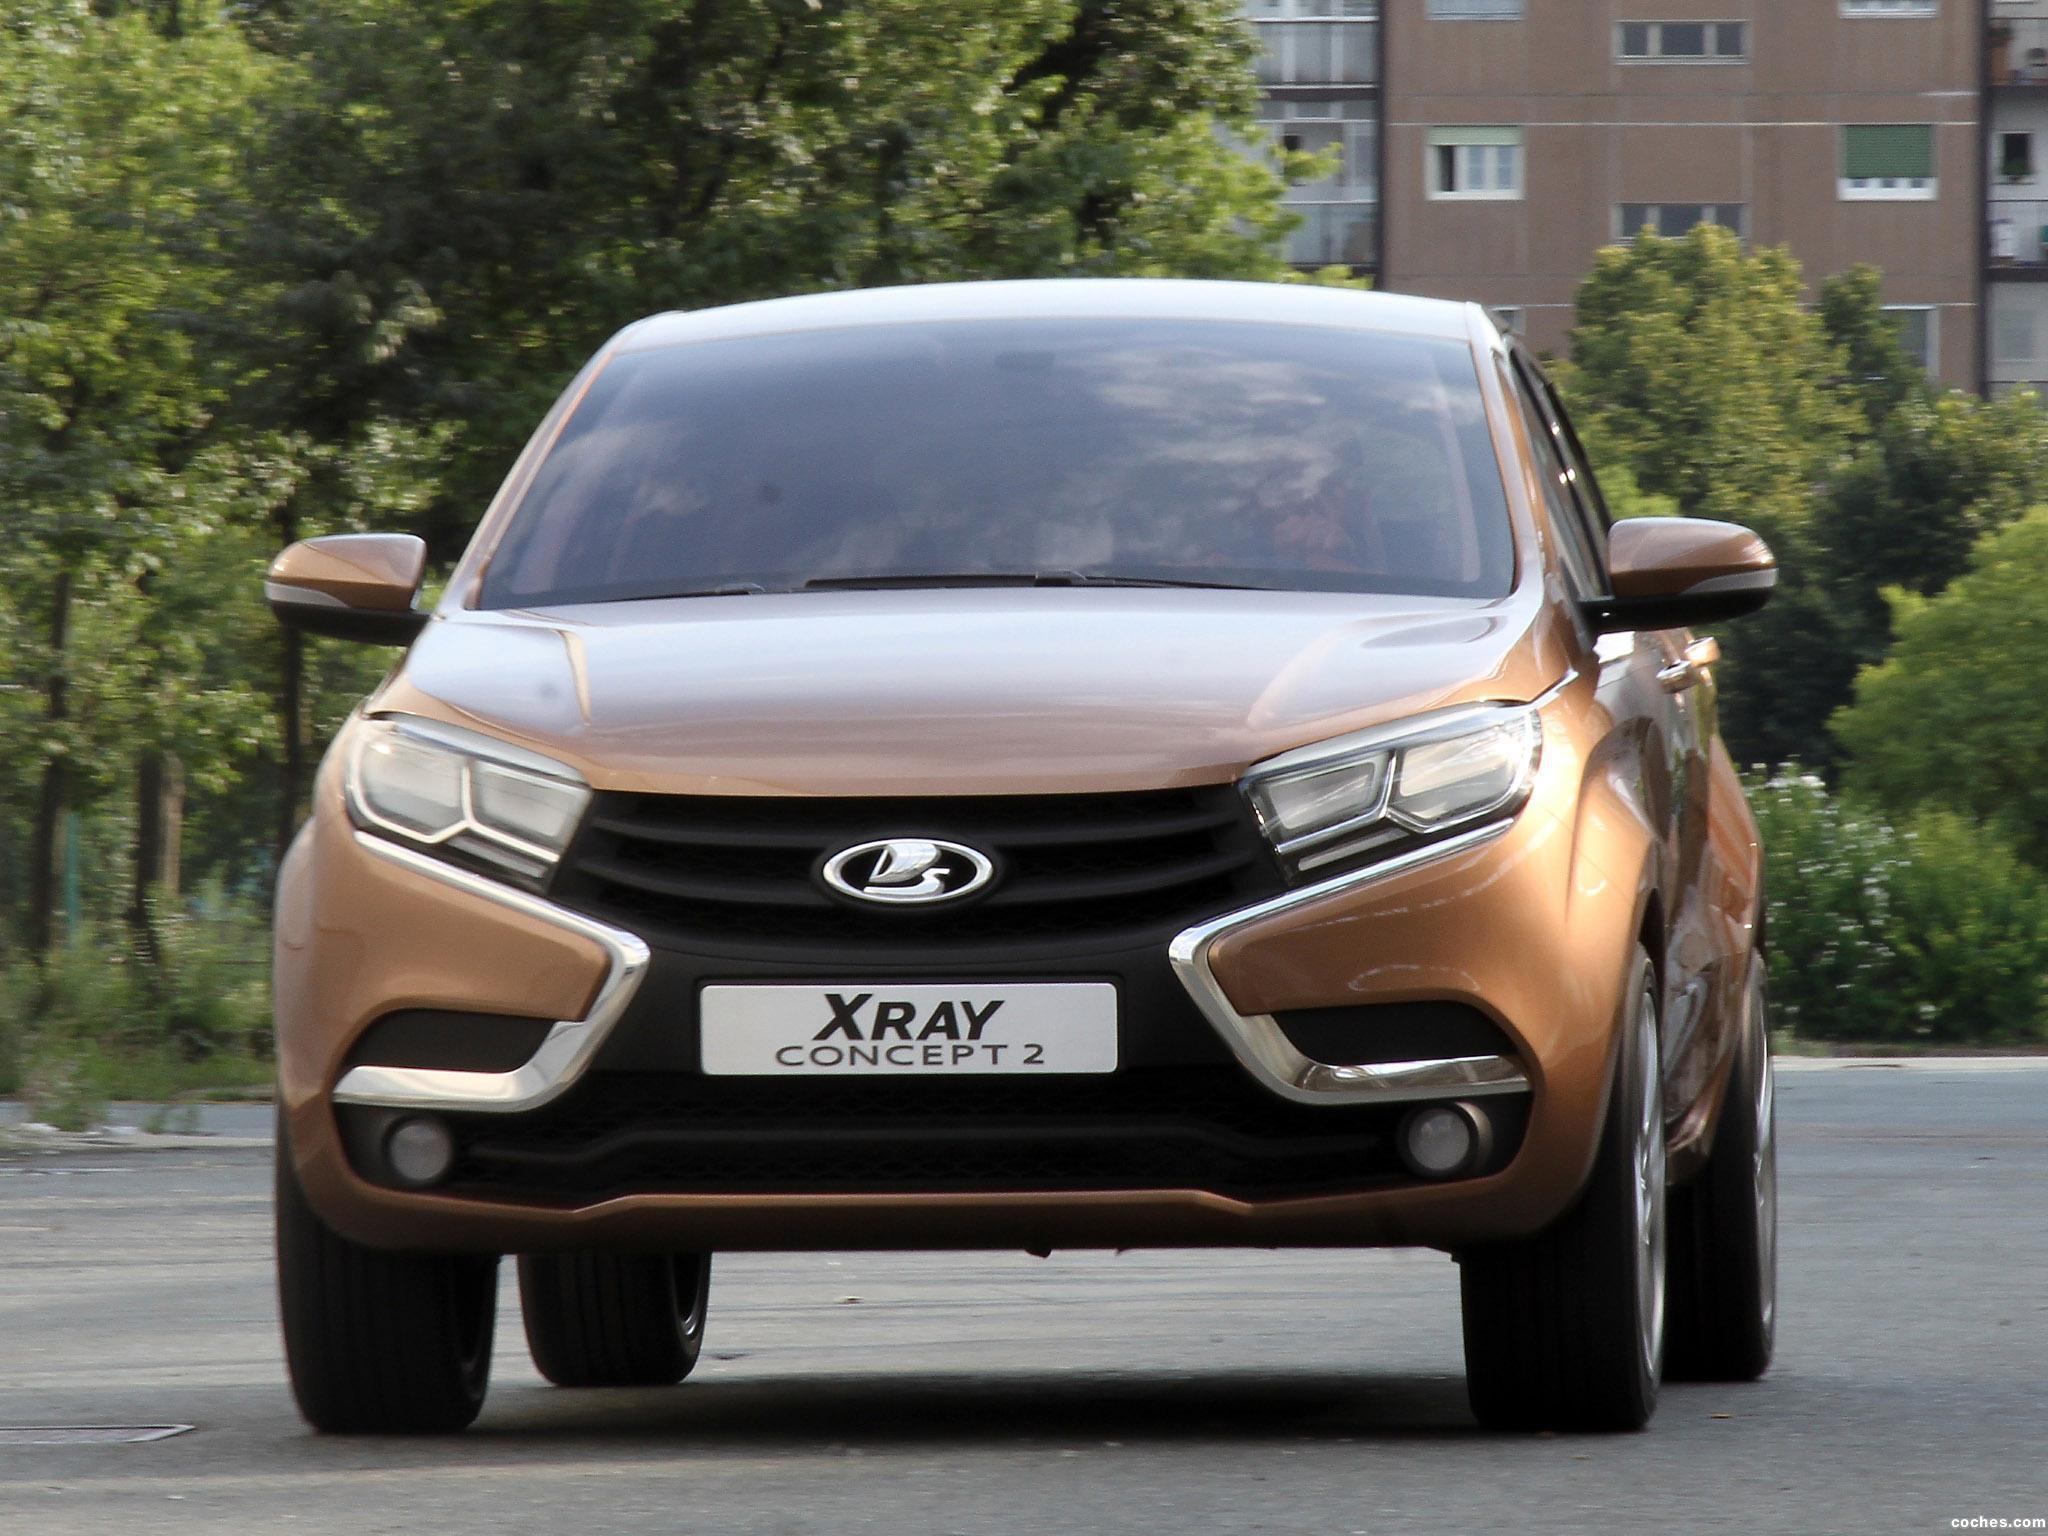 Foto 0 de Lada XRAY Concept 2 2014